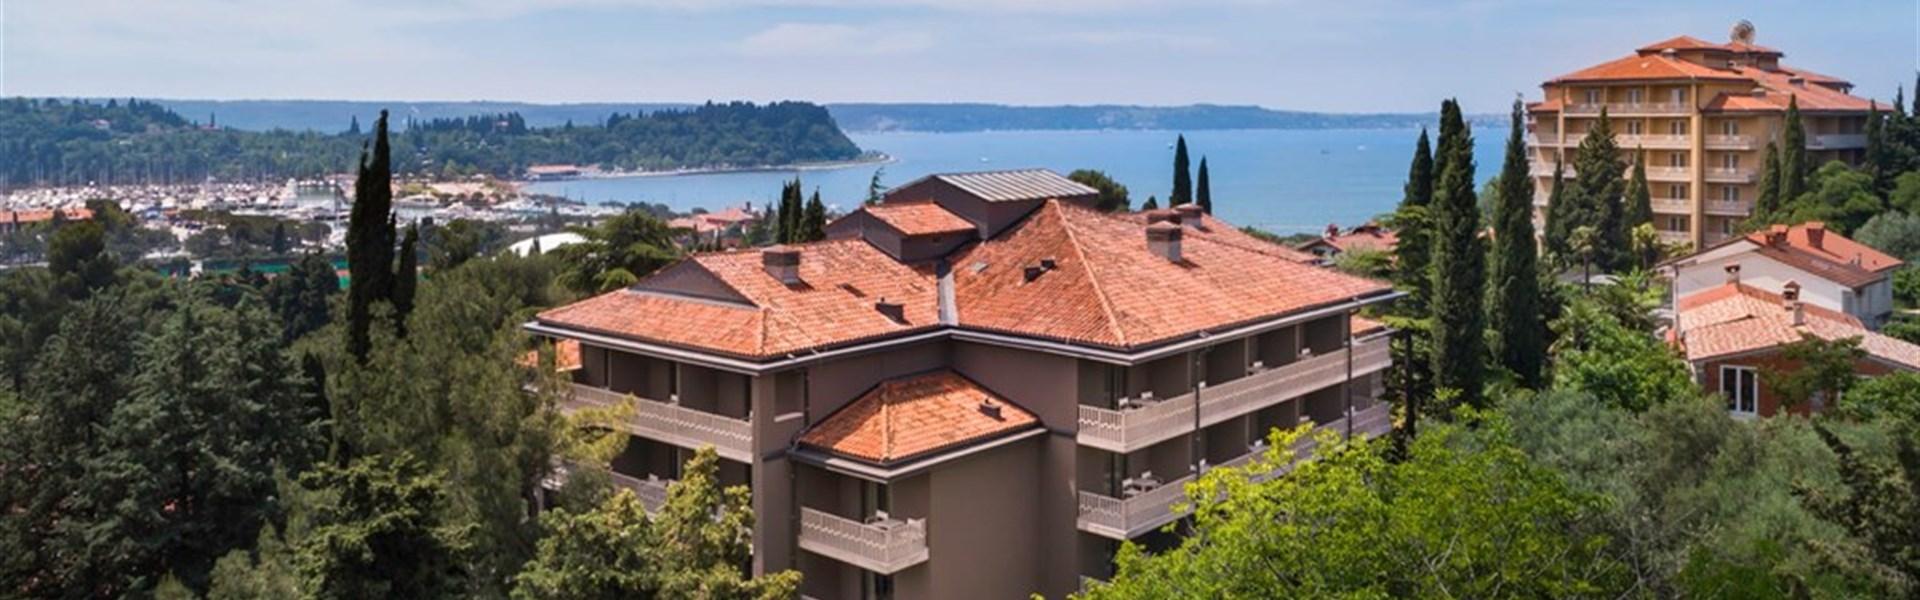 Remisens Premium Casa Bel Tel MORETTO Dep. -